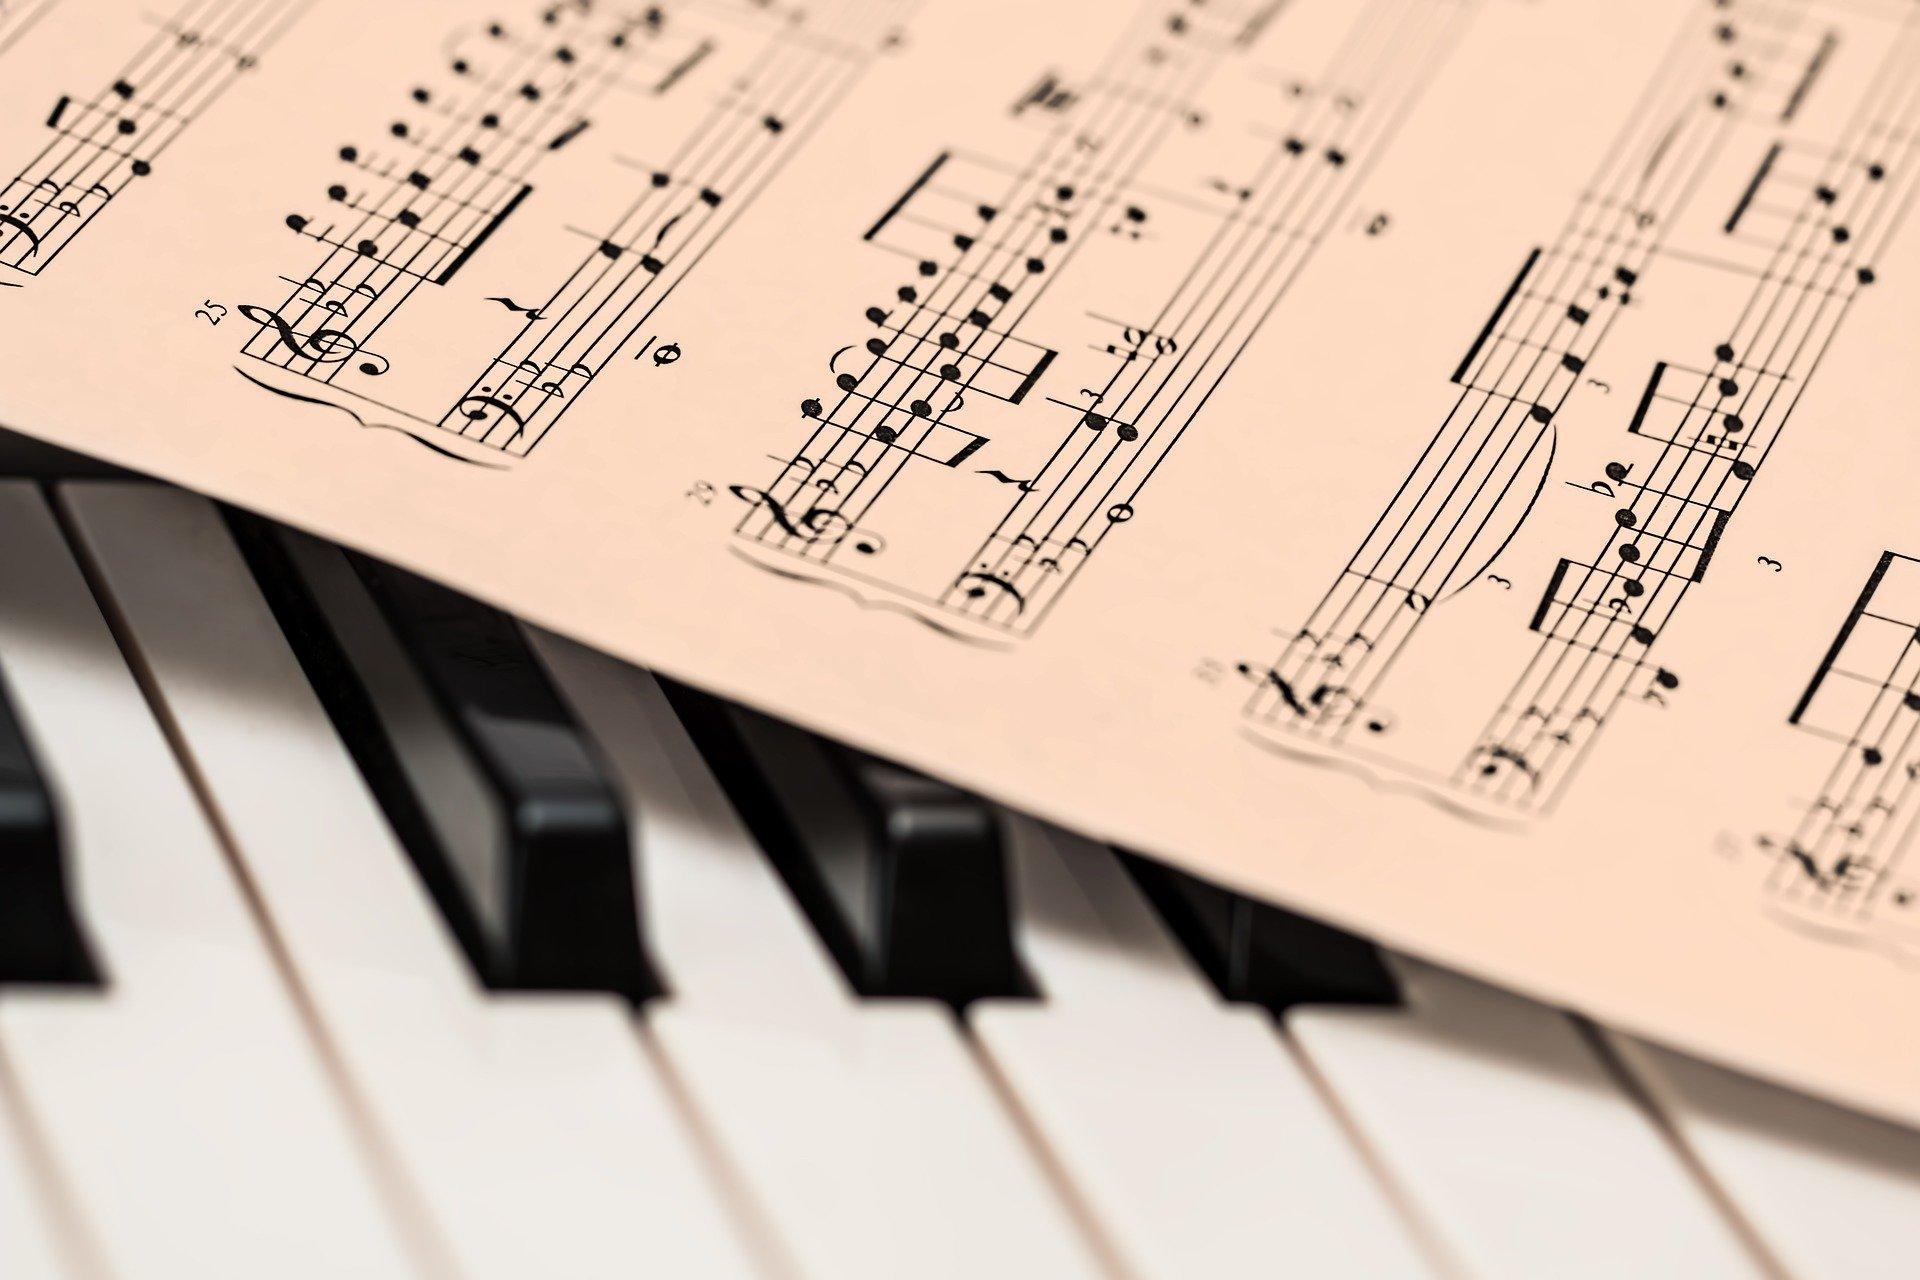 Musique : Je serai là de Teri Moise